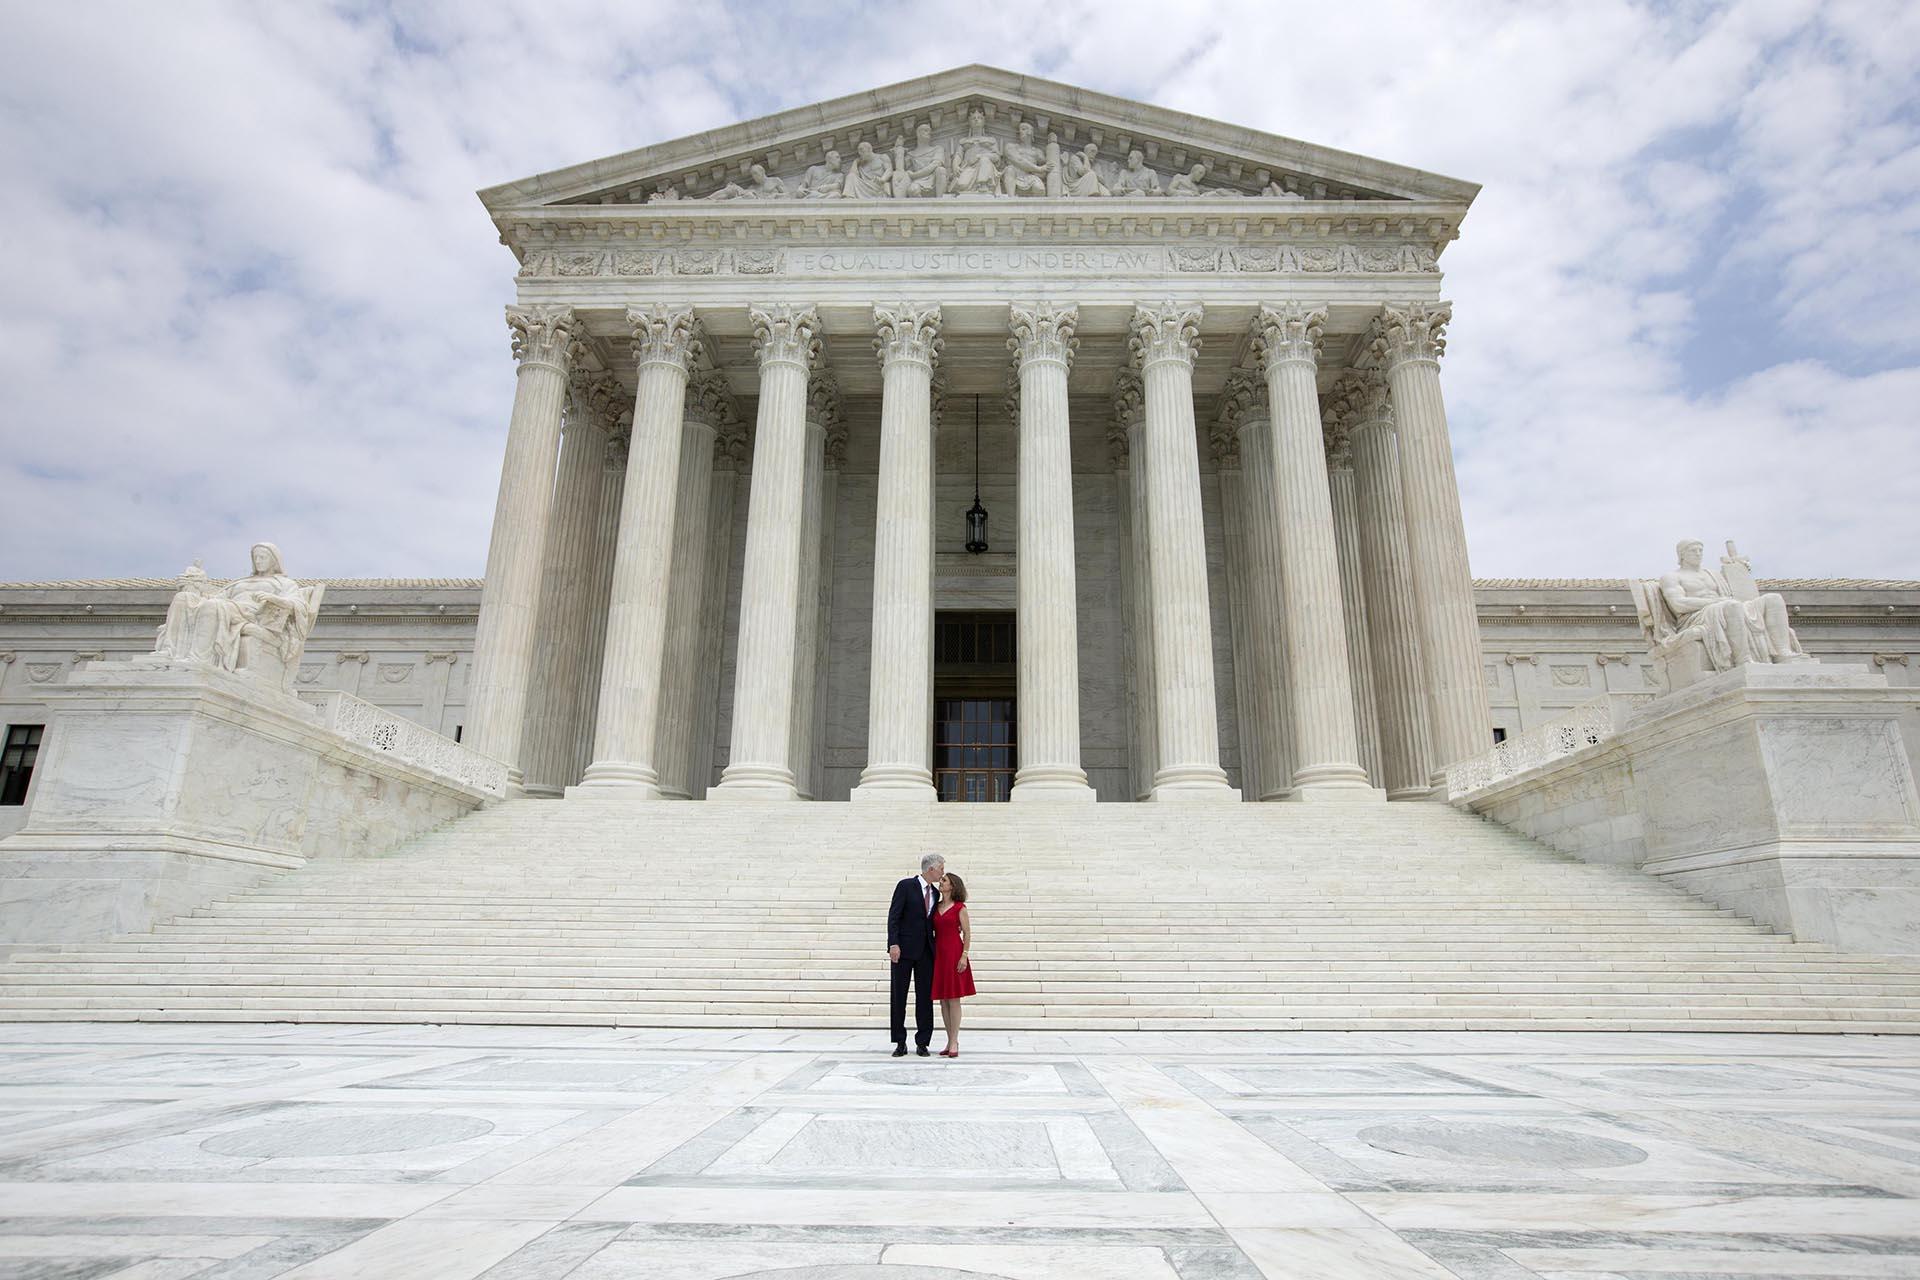 El juez asociado Neil Gorsuch posa junto a su esposa Louise Gorsuch en la parte baja de las escaleras del Tribunal Supremo tras la ceremonia de investidura en Washington. Tras una batalla partidaria de 14 meses, Gorsuch fue confirmado por el Senado en abril de 2017 para llenar el puesto vacante por la muerte del magistrado Antonin Scalia